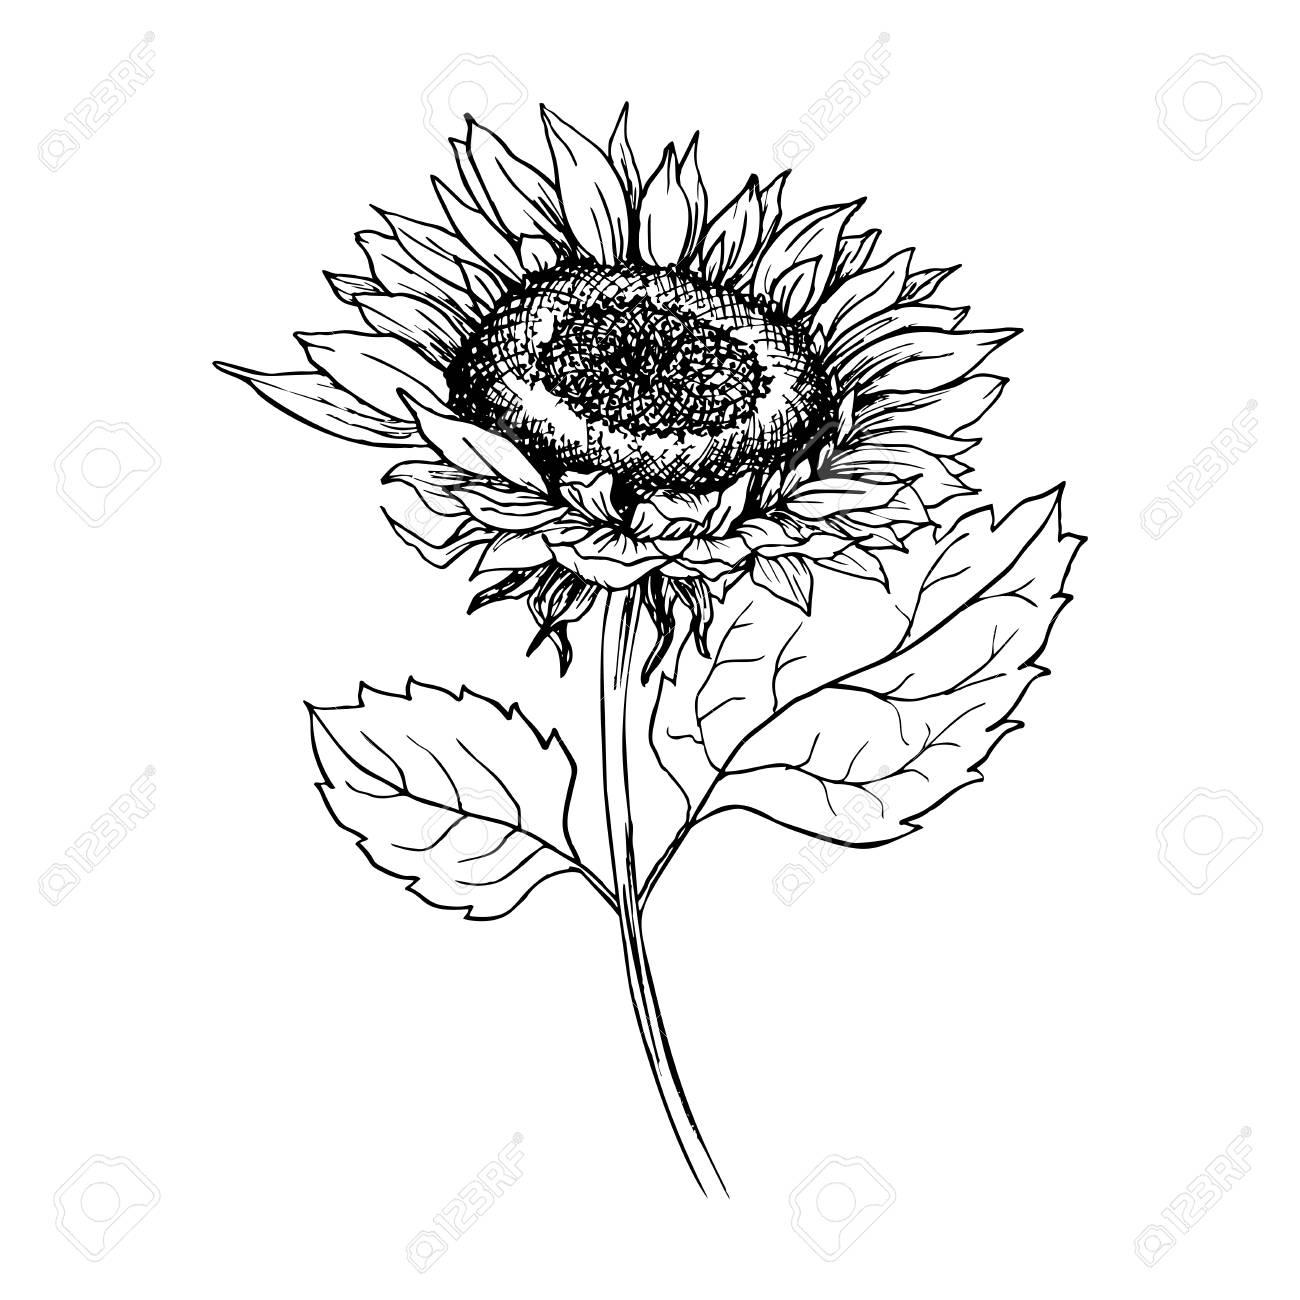 Sunflower hand drawn vector illustration floral ink pen sketch